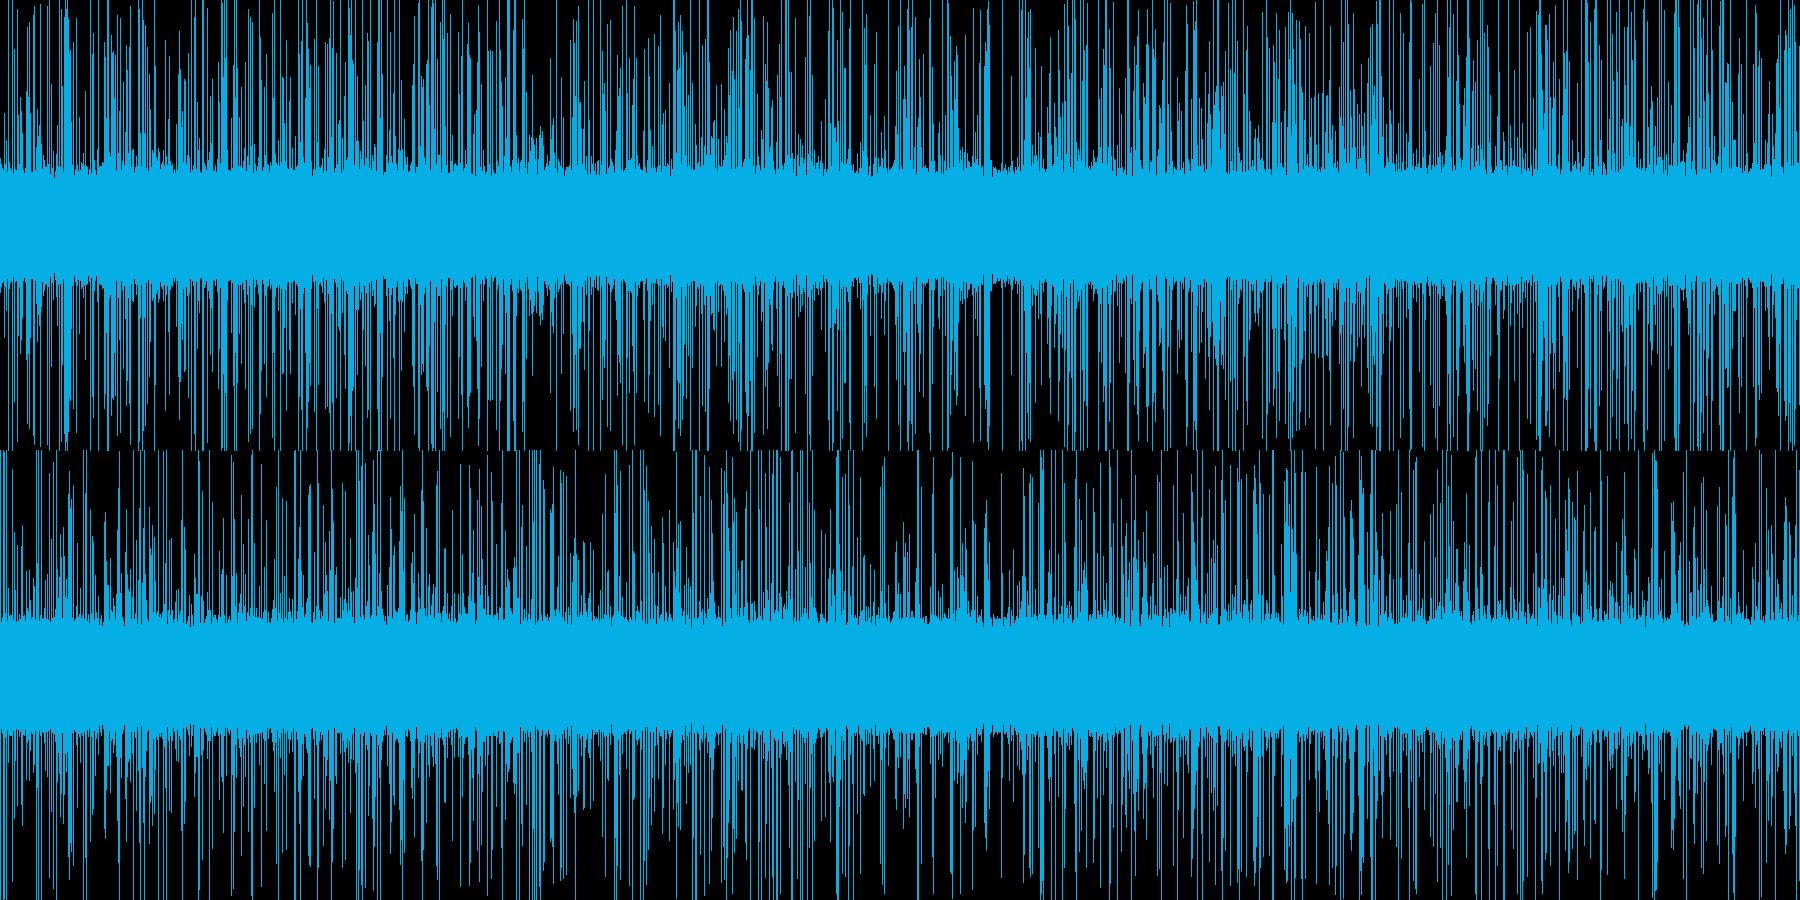 ループ再生可能!激しい雨音・ザーの再生済みの波形